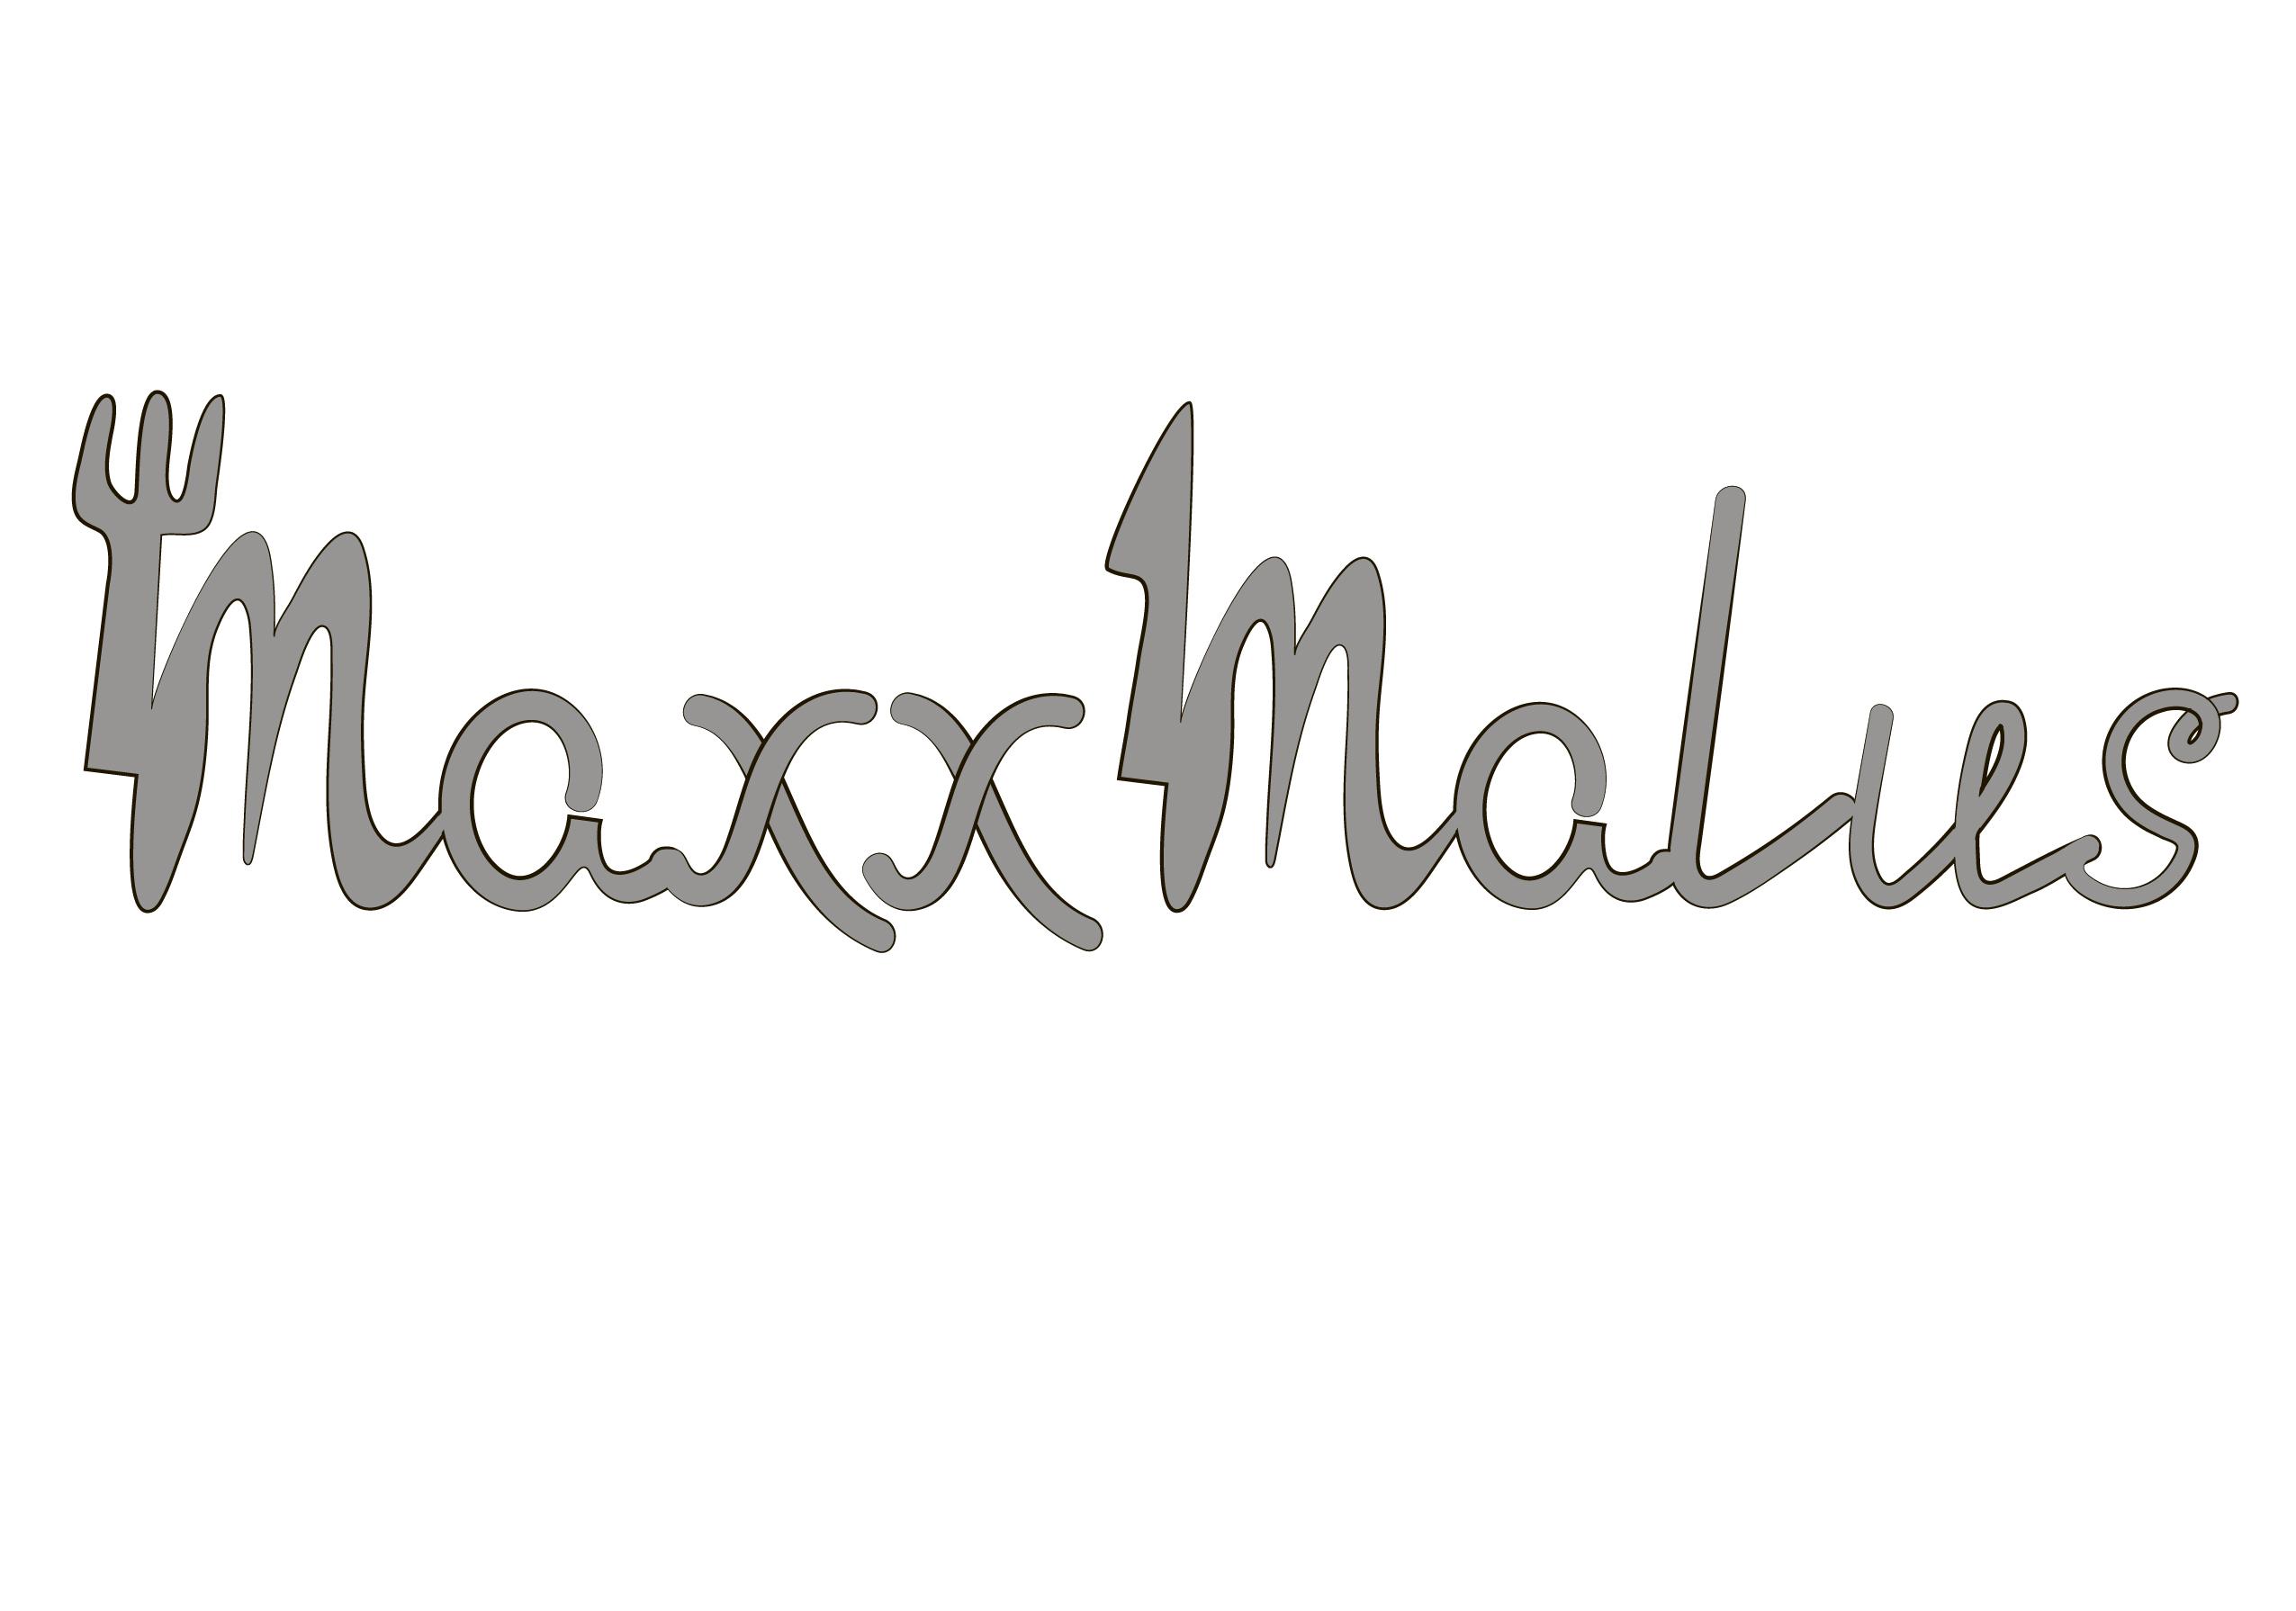 Логотип для нового бренда повседневной посуды фото f_5055ba821ff387fb.jpg